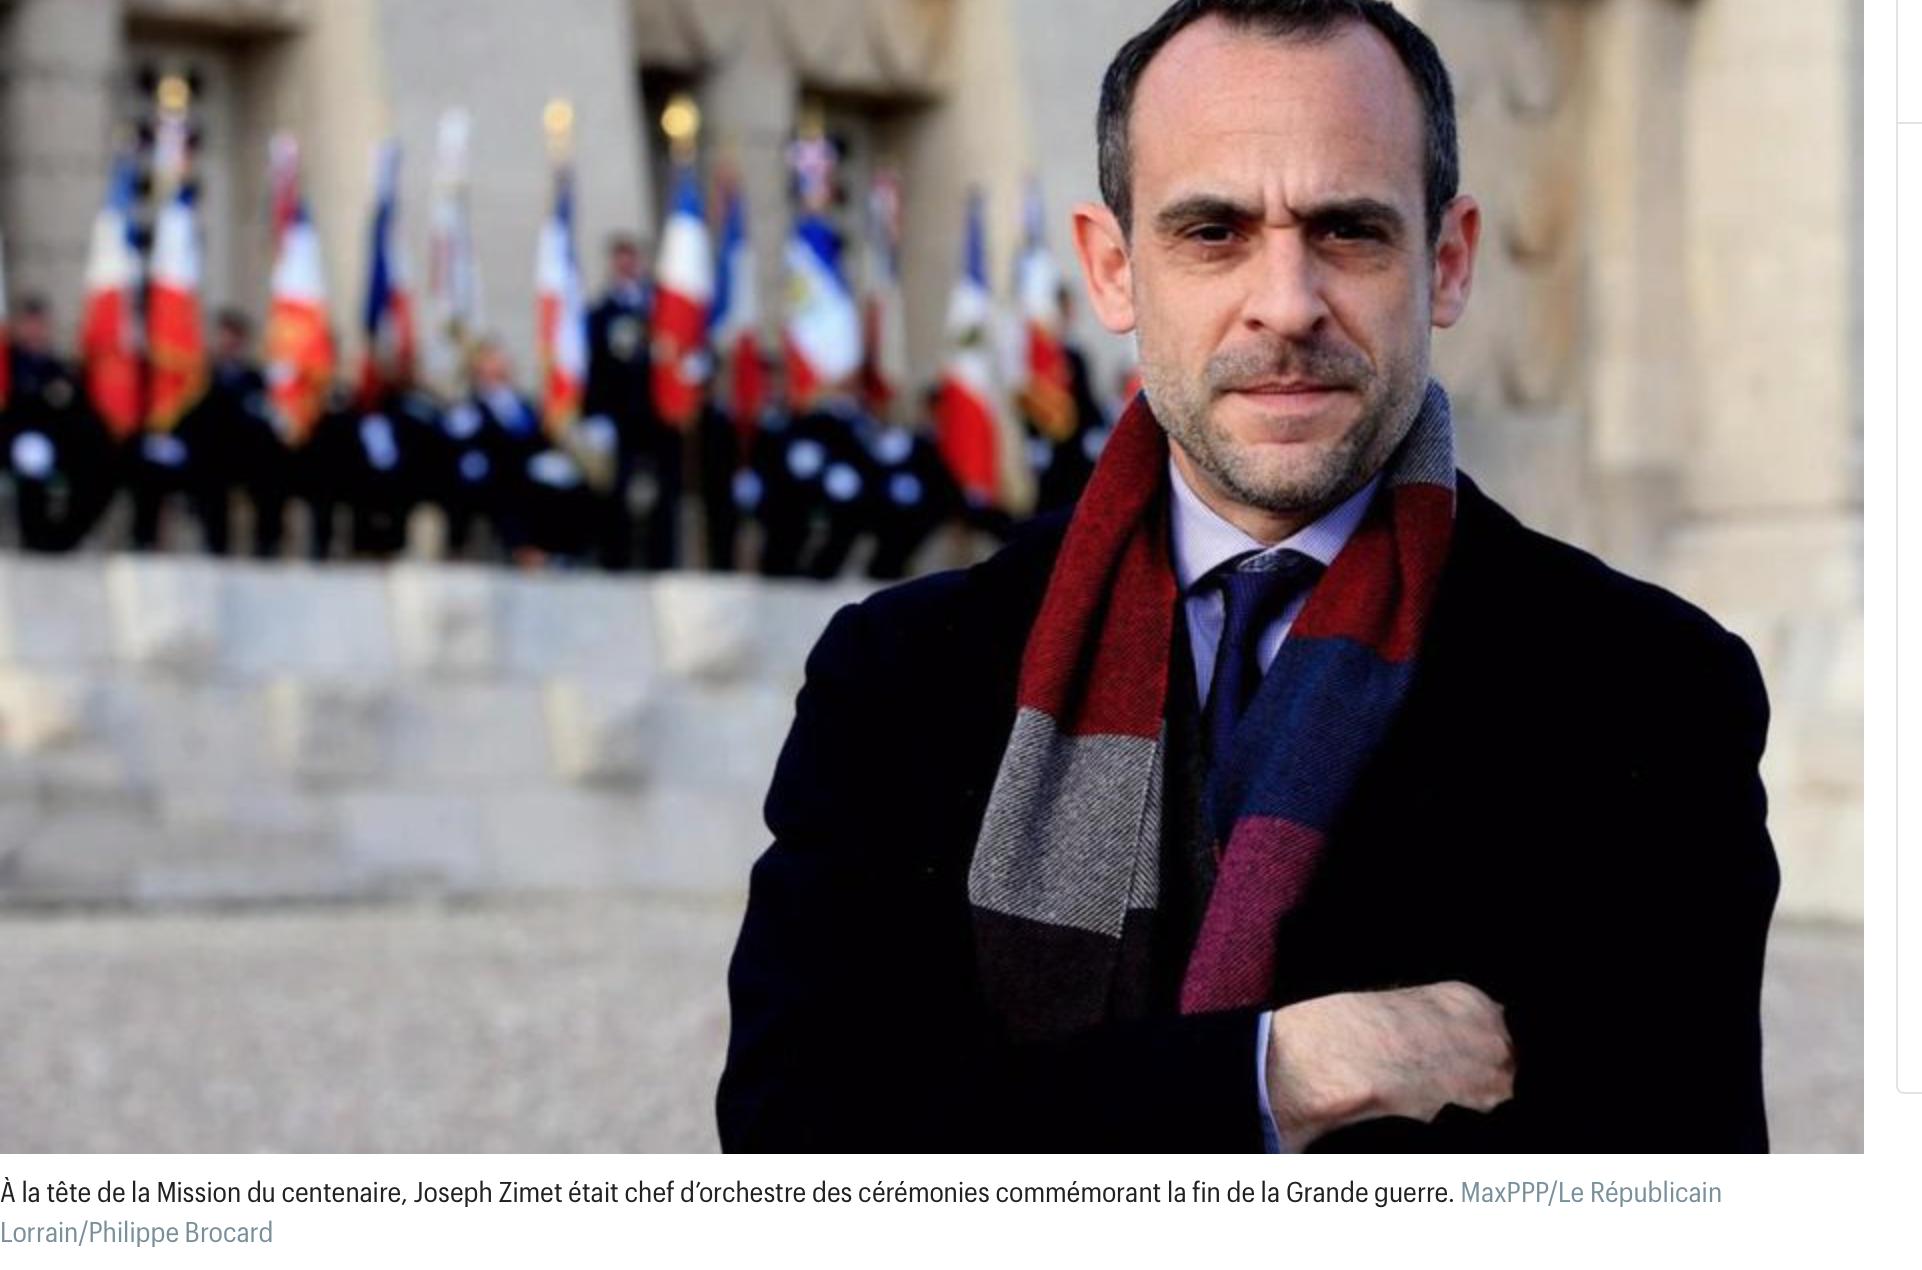 Com de l'Elysée ? Macron choisit Joseph Zimet qui a organisé les courses sur les tombes de nos poilus !